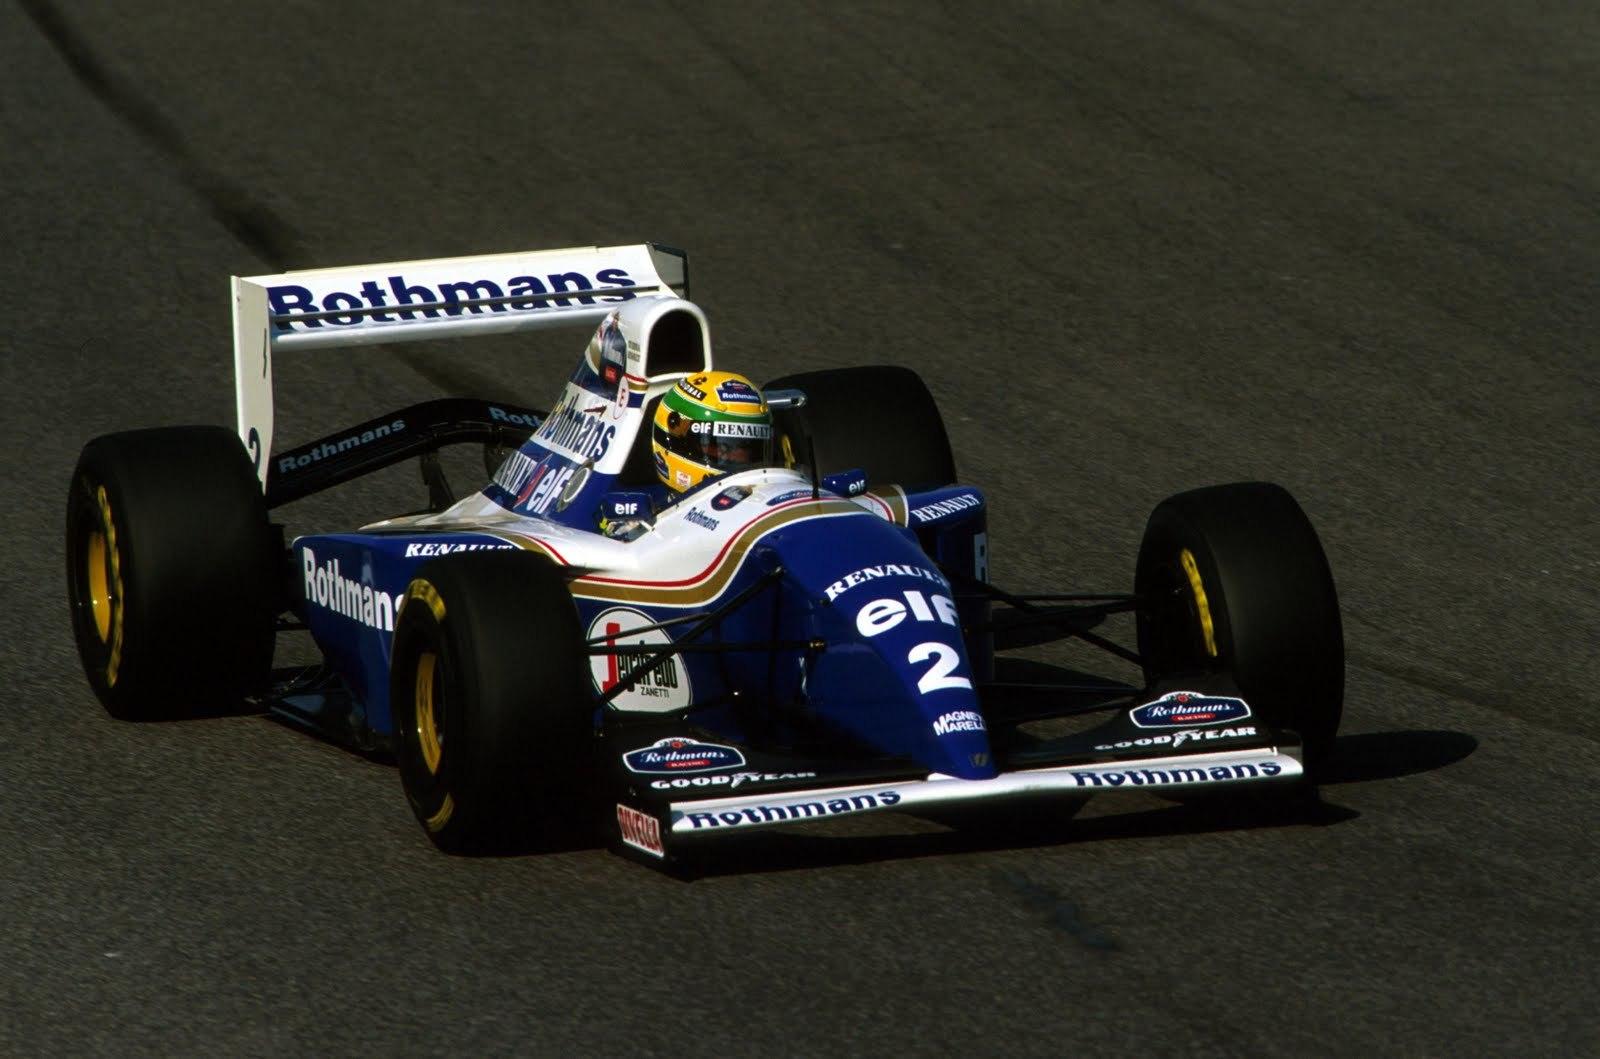 Ayrton Senna 1994 Williams FW16B